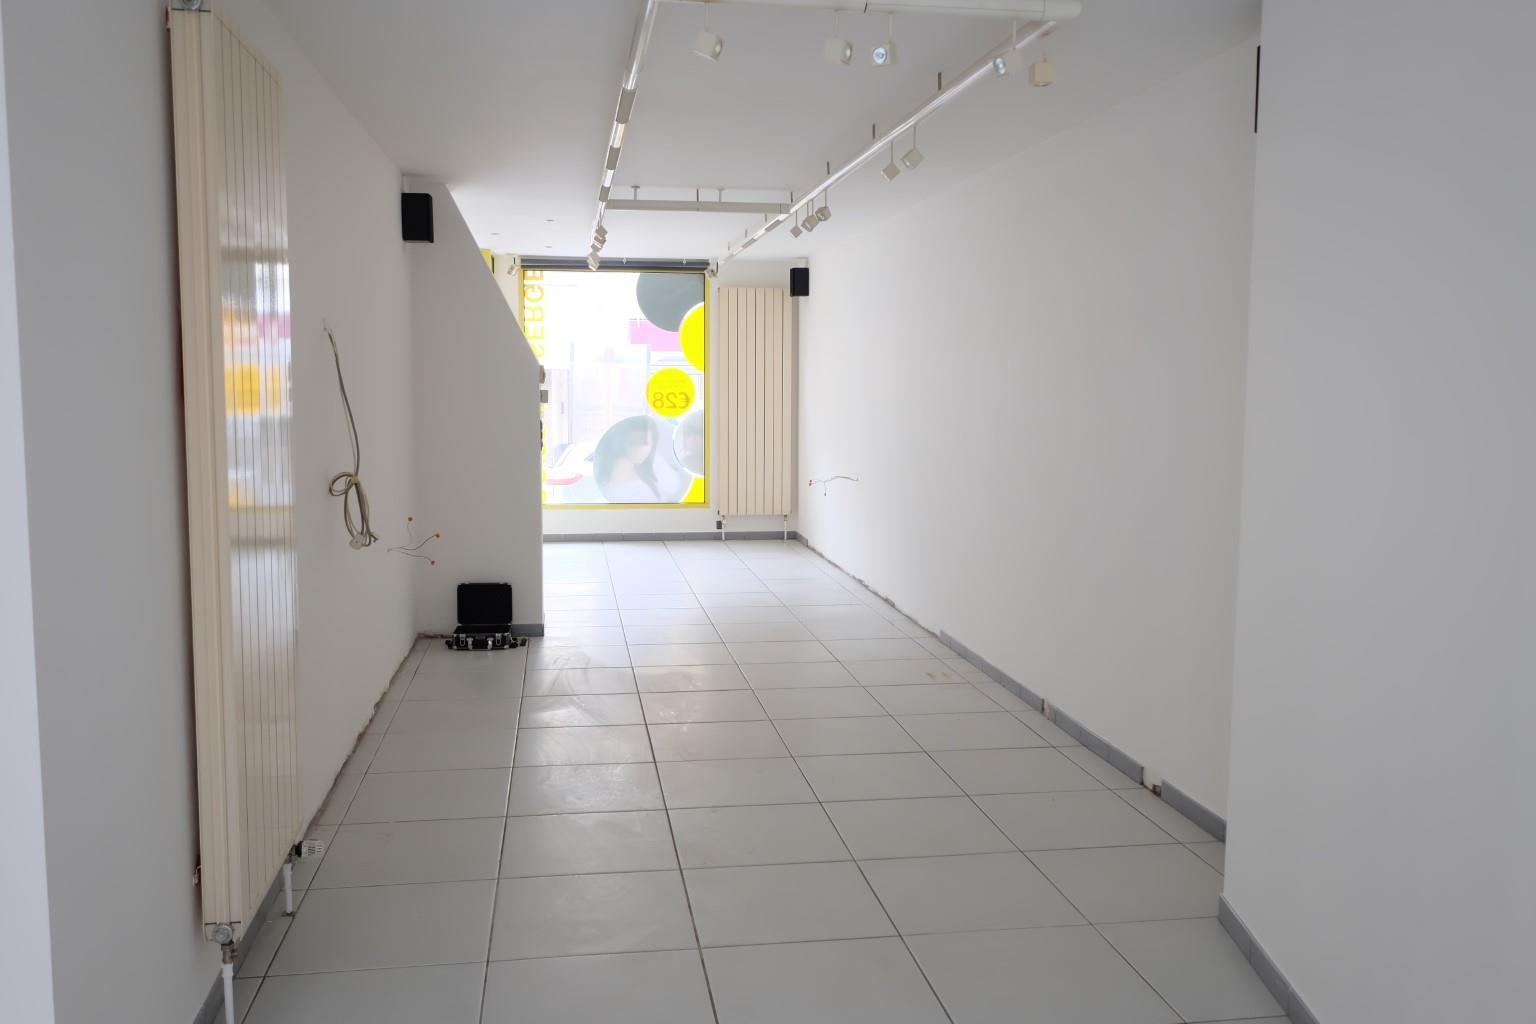 Rez commercial - Tubize - #3129241-1